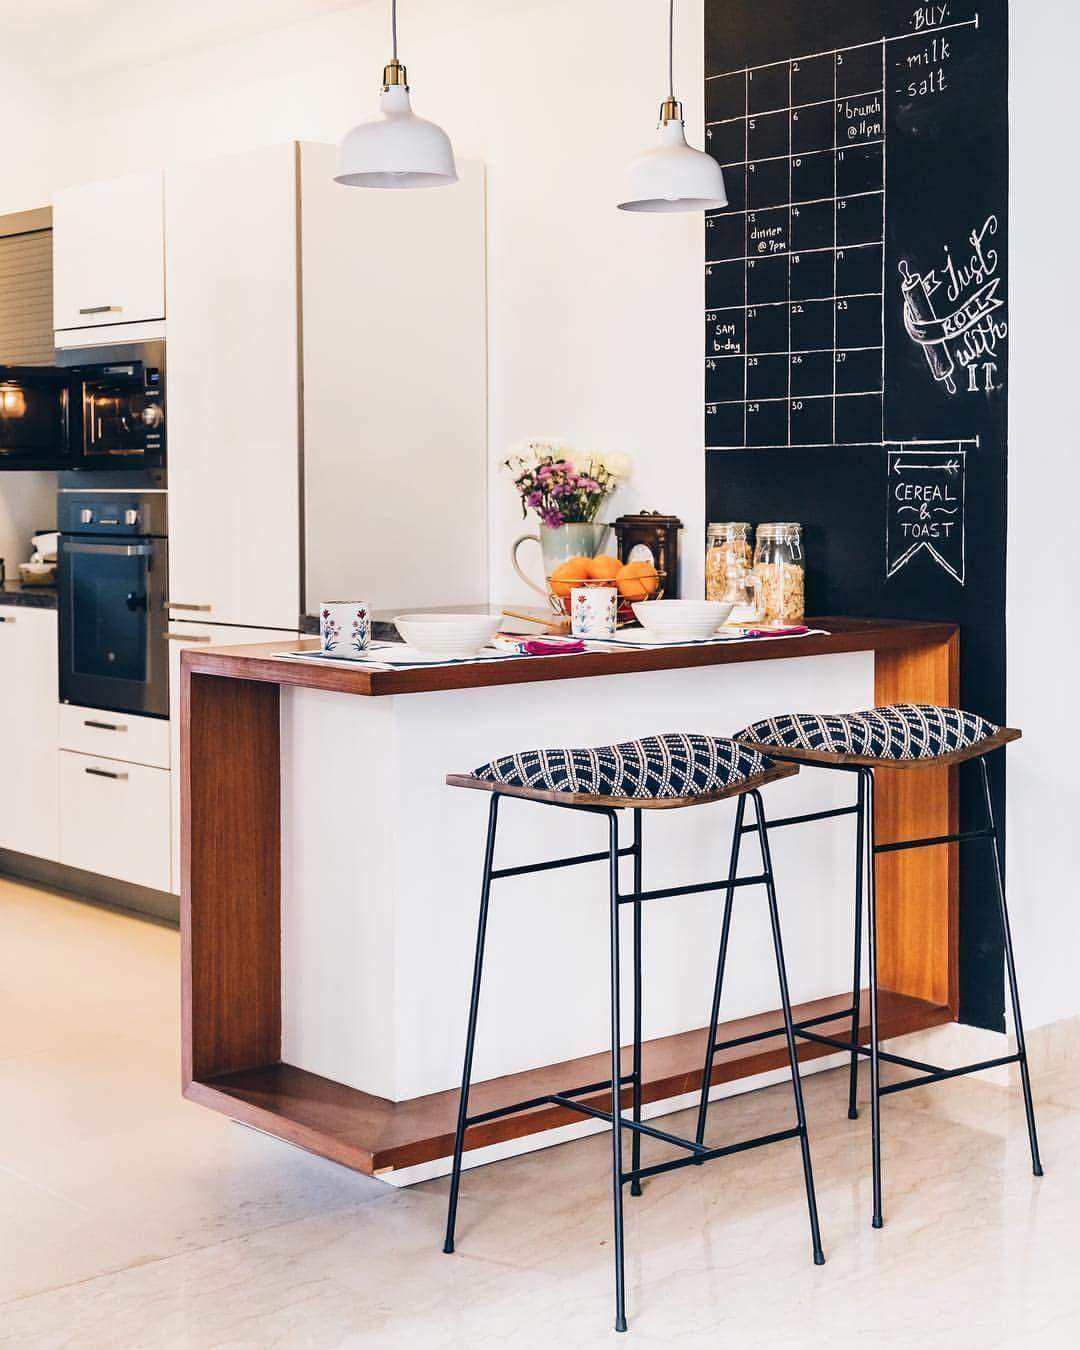 34 Kreative Kuchenhocker Designs Die Ihre Kuche Schoner Machen Kuchenfenster Dekoration Kuchendekoration Kuchenthekenhocker